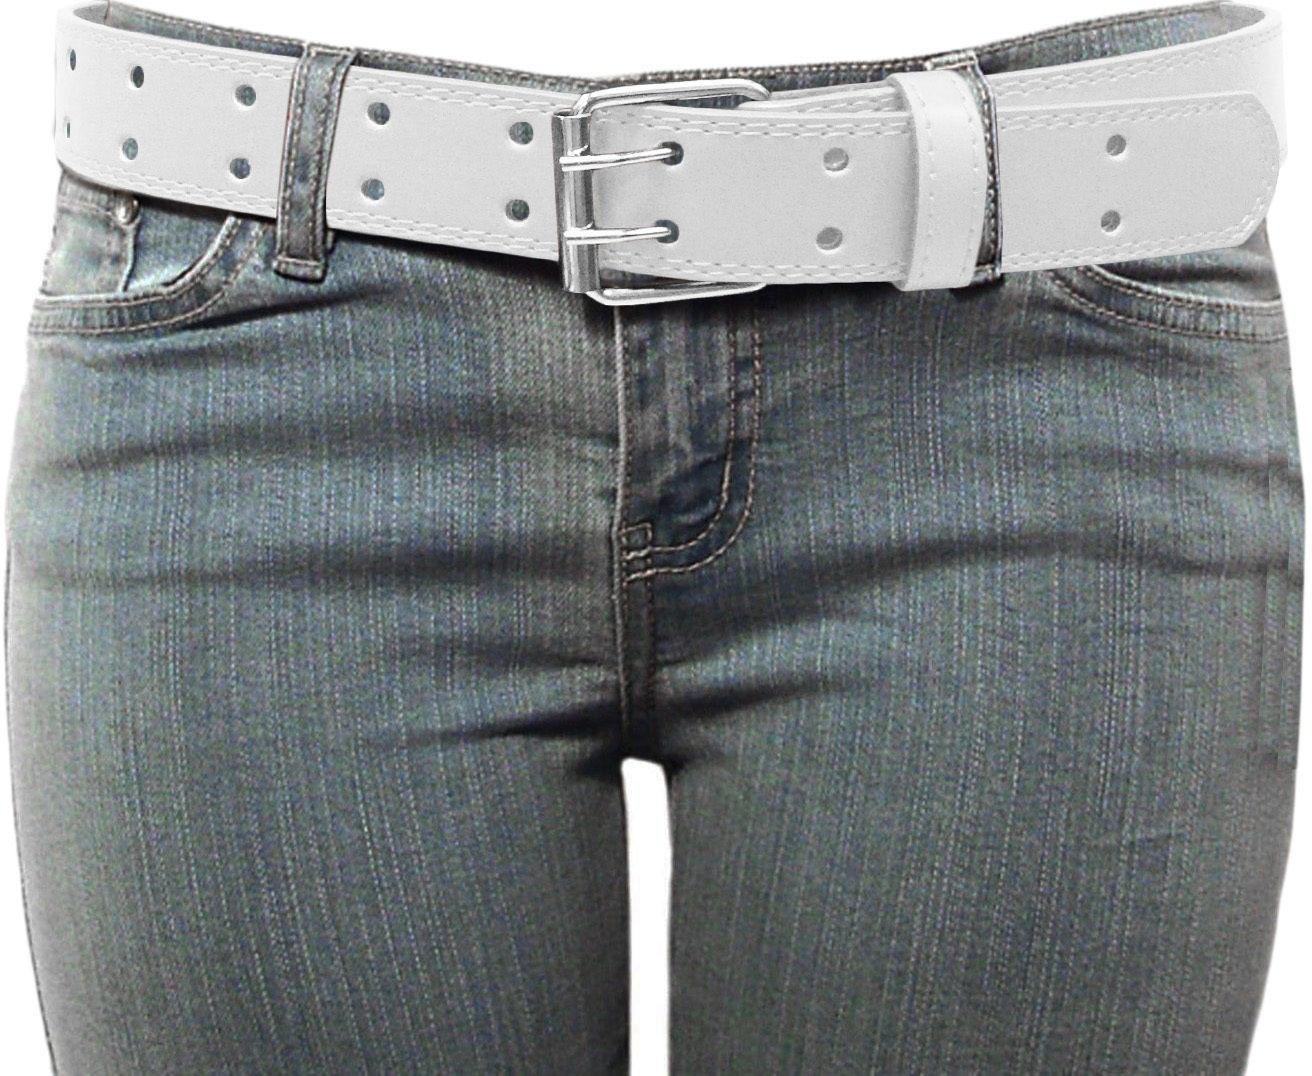 Double Grommet 2 Holes Leather Belt 2-Prong Buckle Unisex Womens Mens LONG SIZE